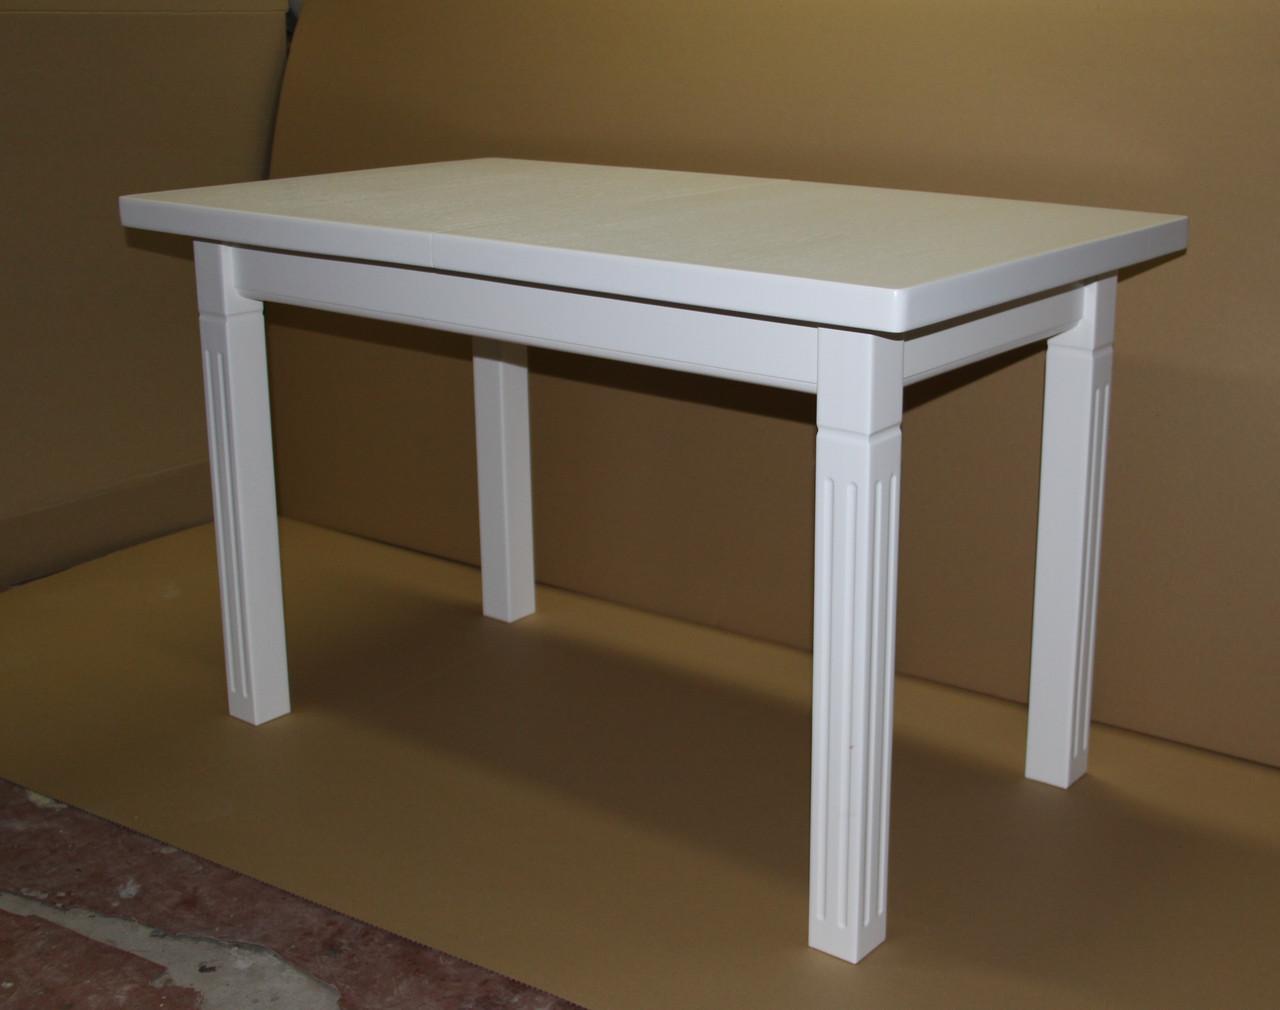 Стіл Класік плюс (Атлант) білий 120 обідній розкладний на чотирьох ногах